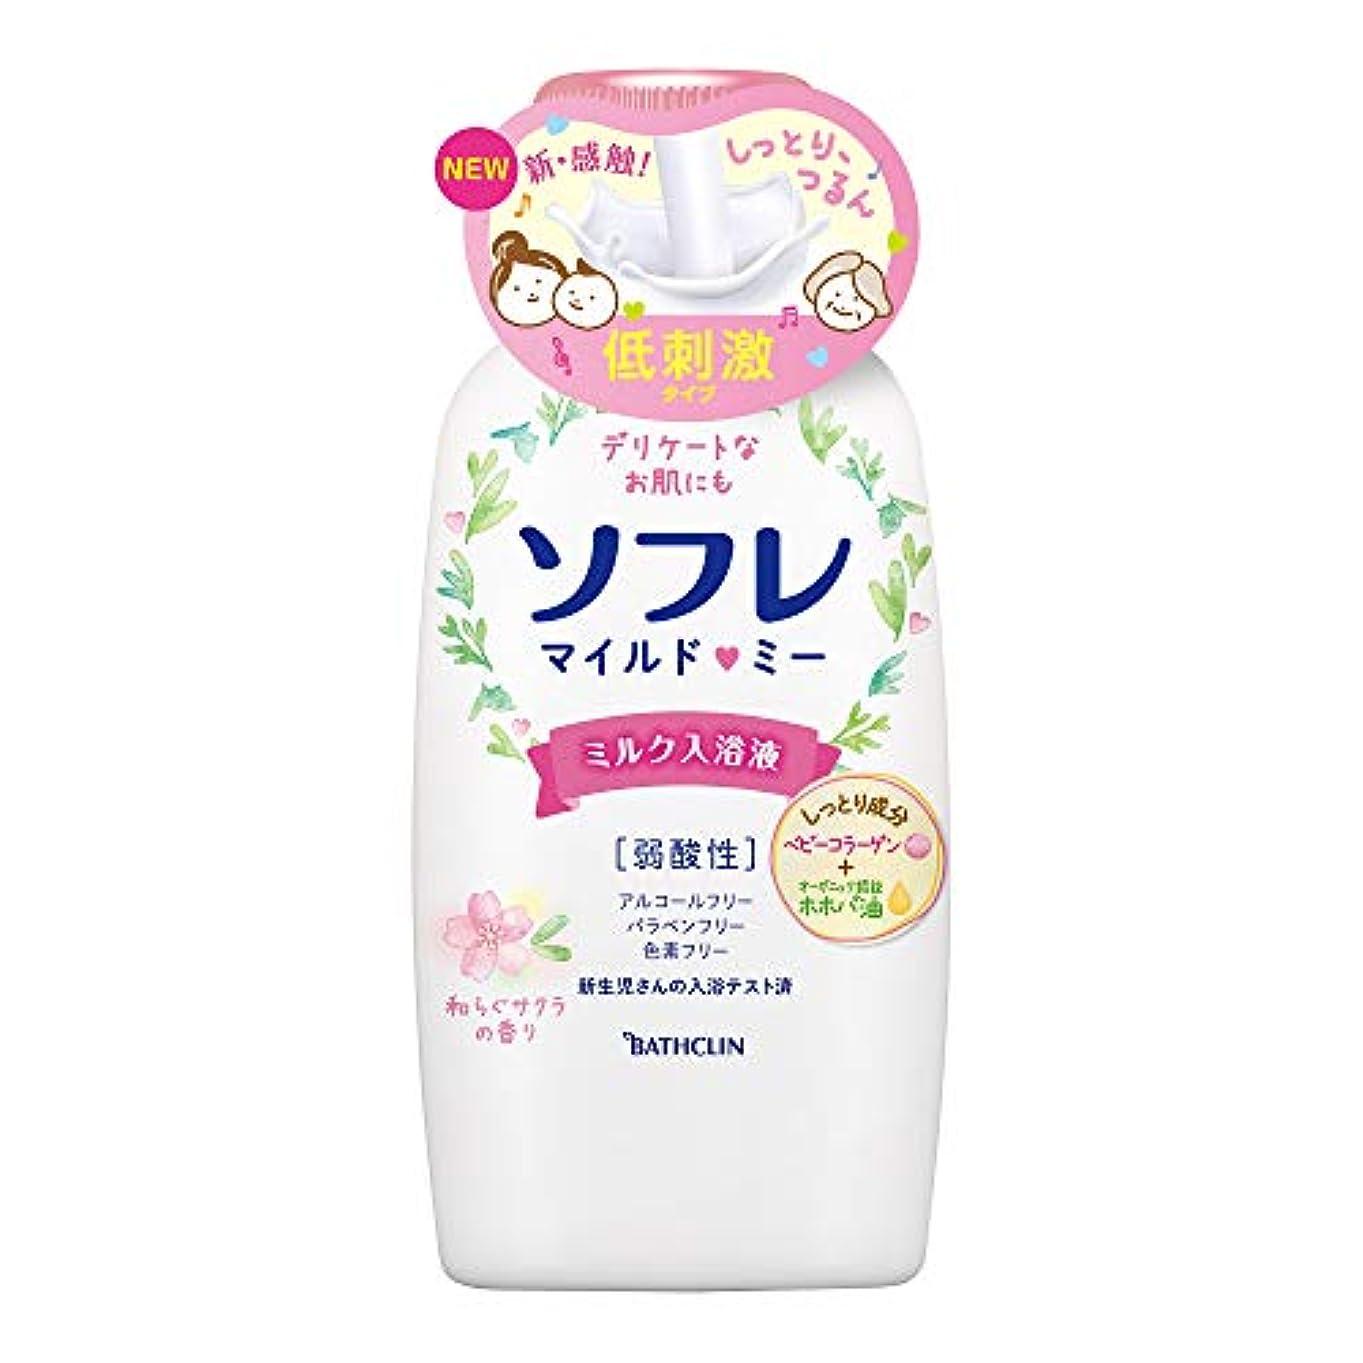 たぶん到着するスコアバスクリン ソフレ入浴液 マイルド?ミー ミルク 和らぐサクラの香り 本体720mL保湿 成分配合 赤ちゃんと一緒に使えます。